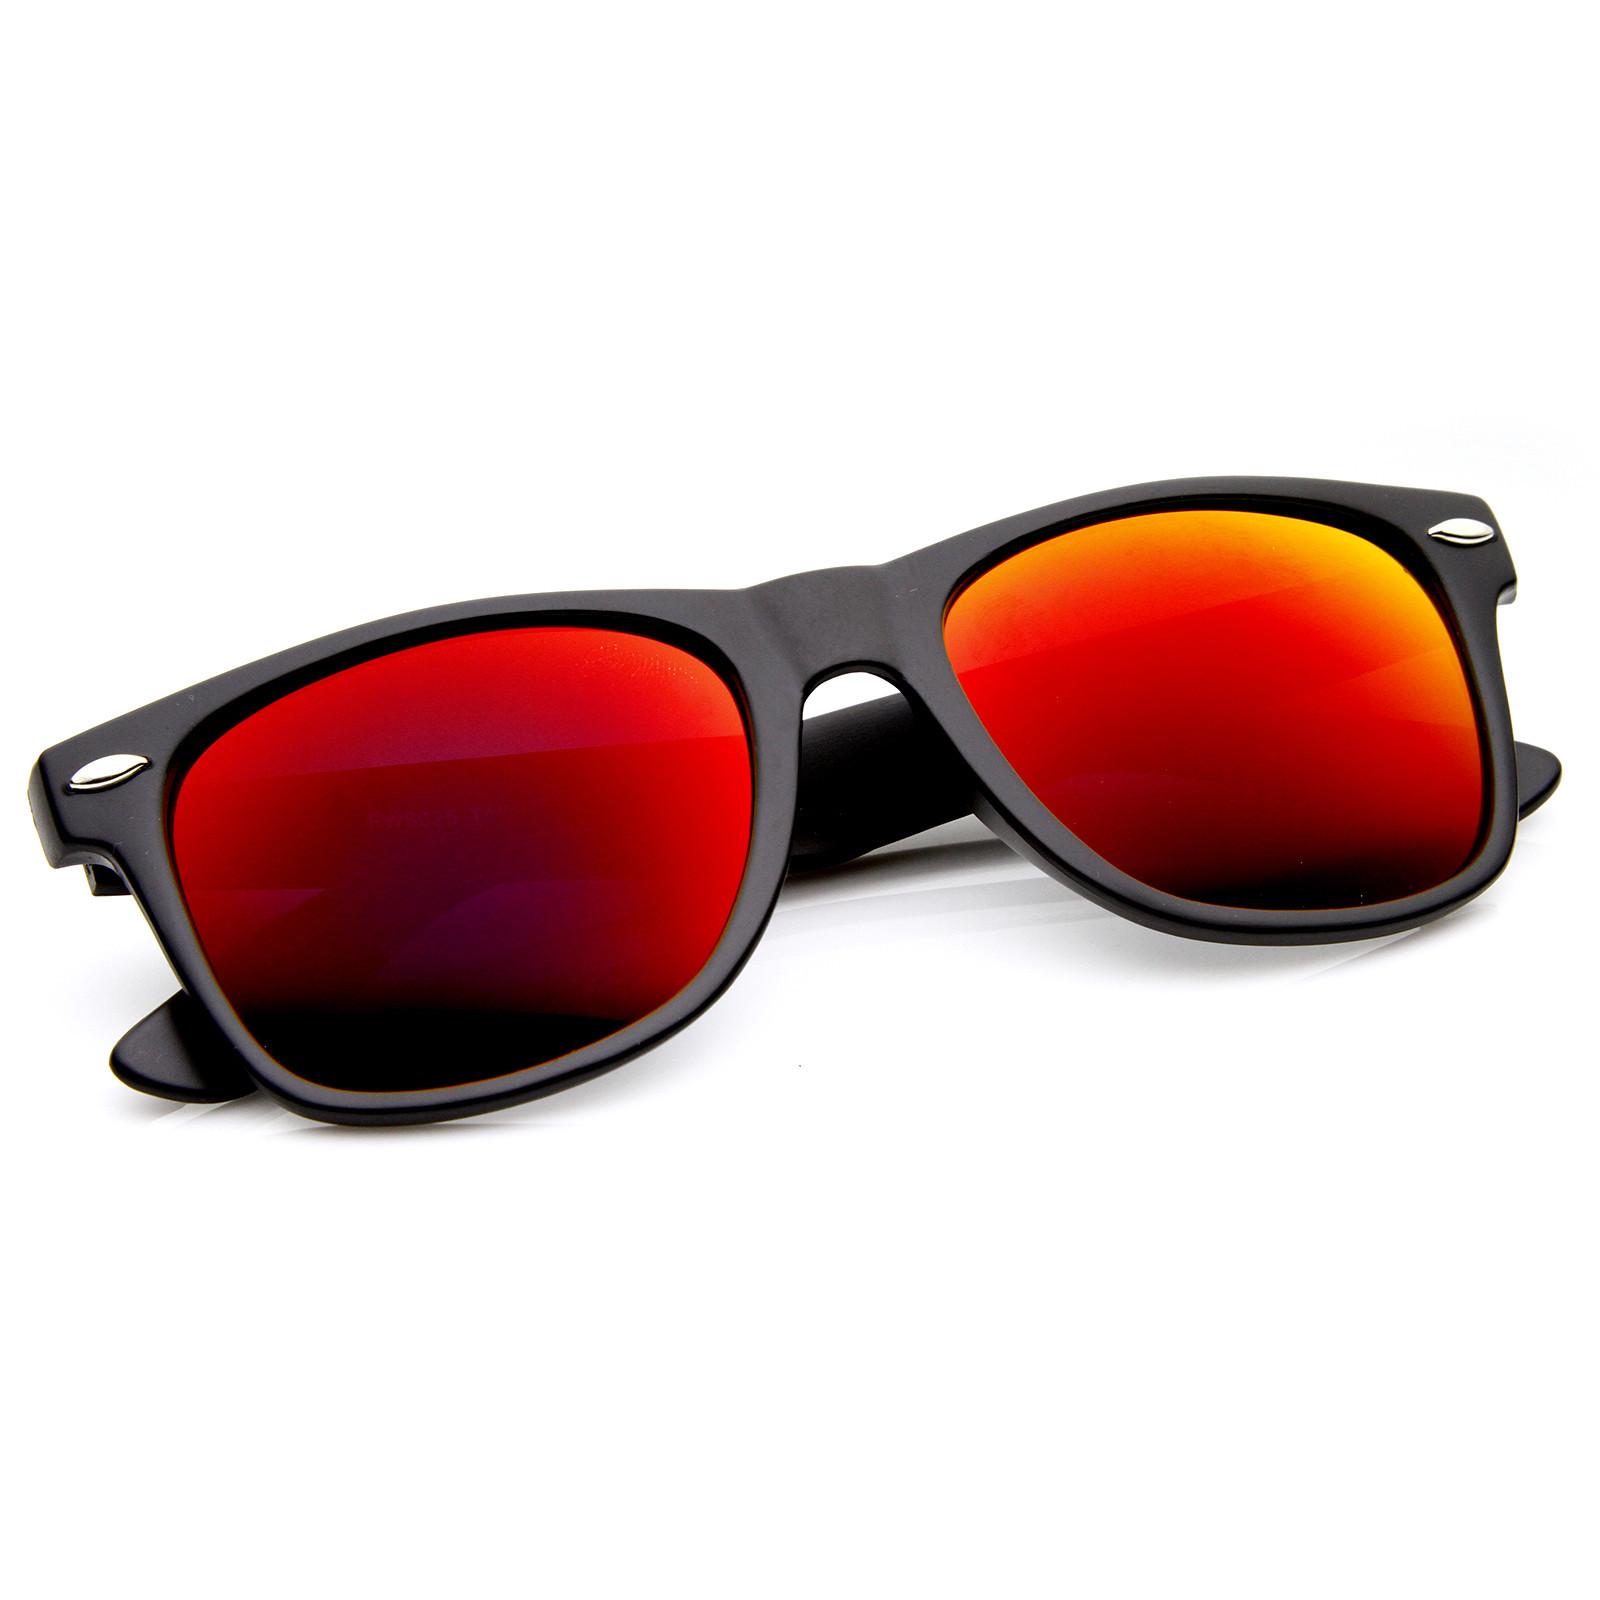 82b7990185 Ray Ban Wayfarer Red Lens